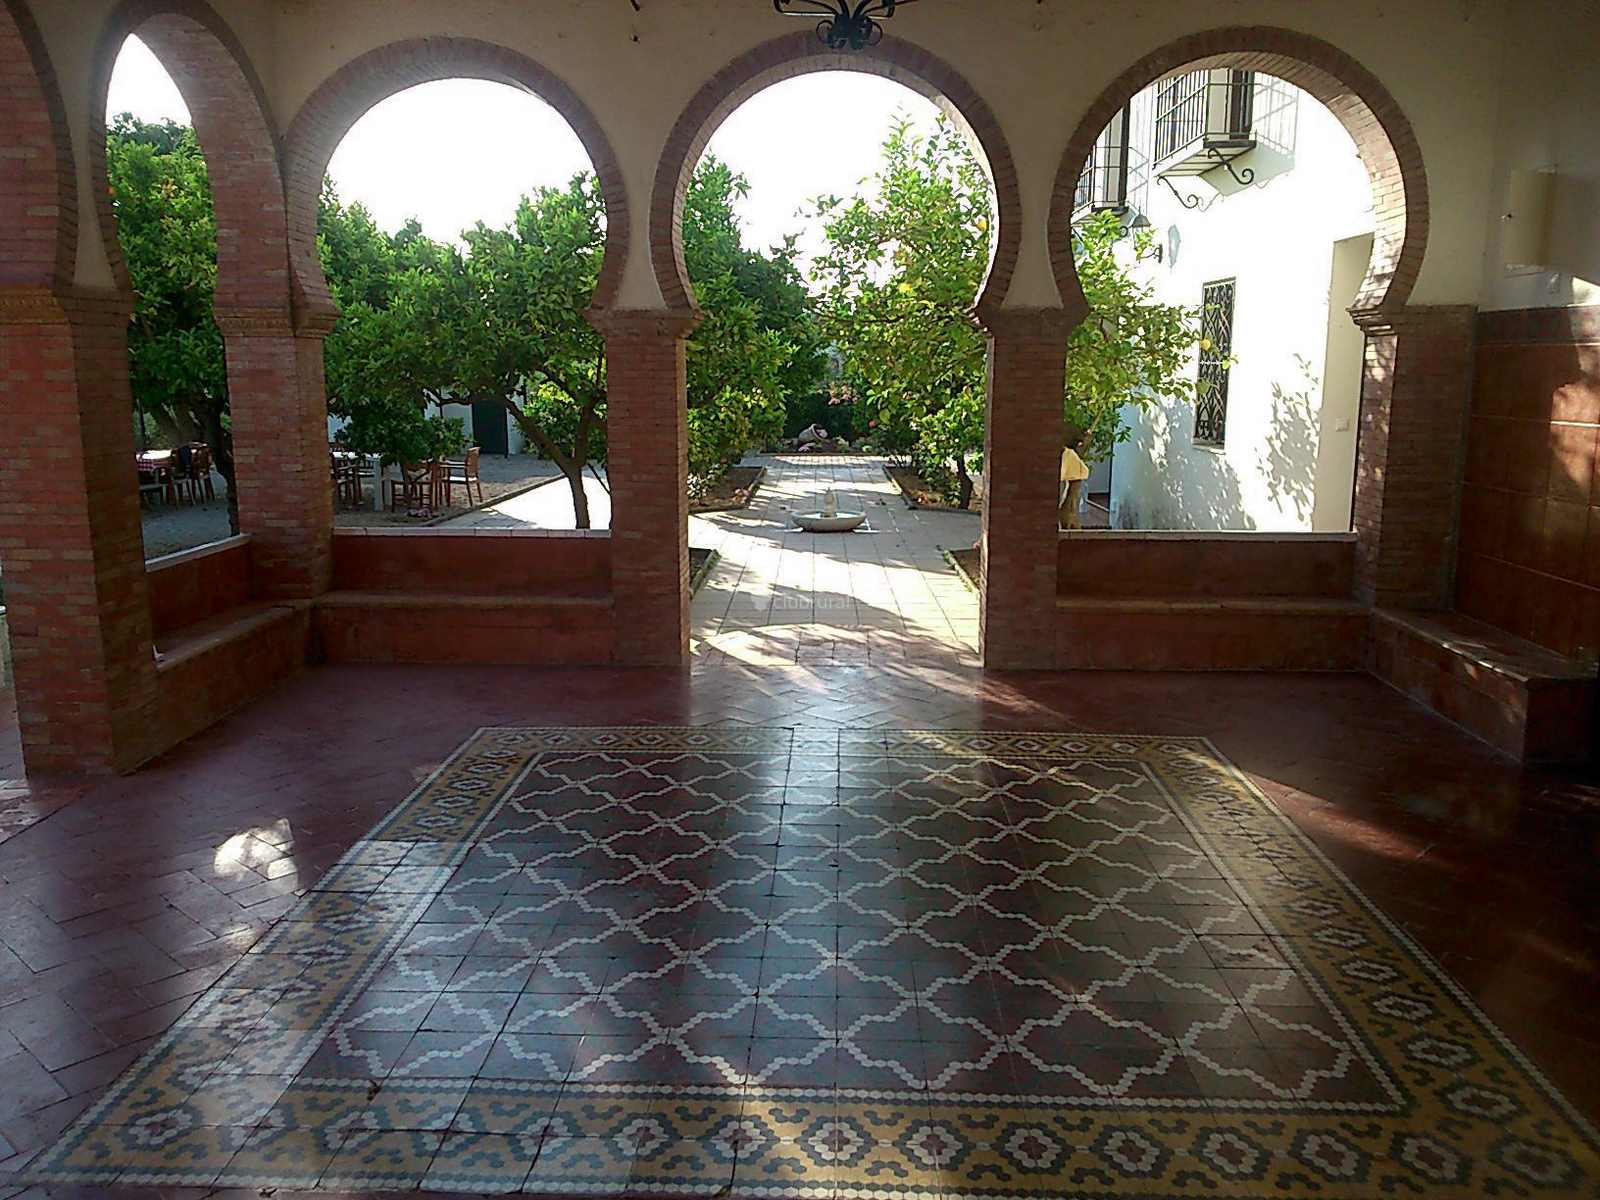 Alquiler vacaciones en Cabra, Córdoba